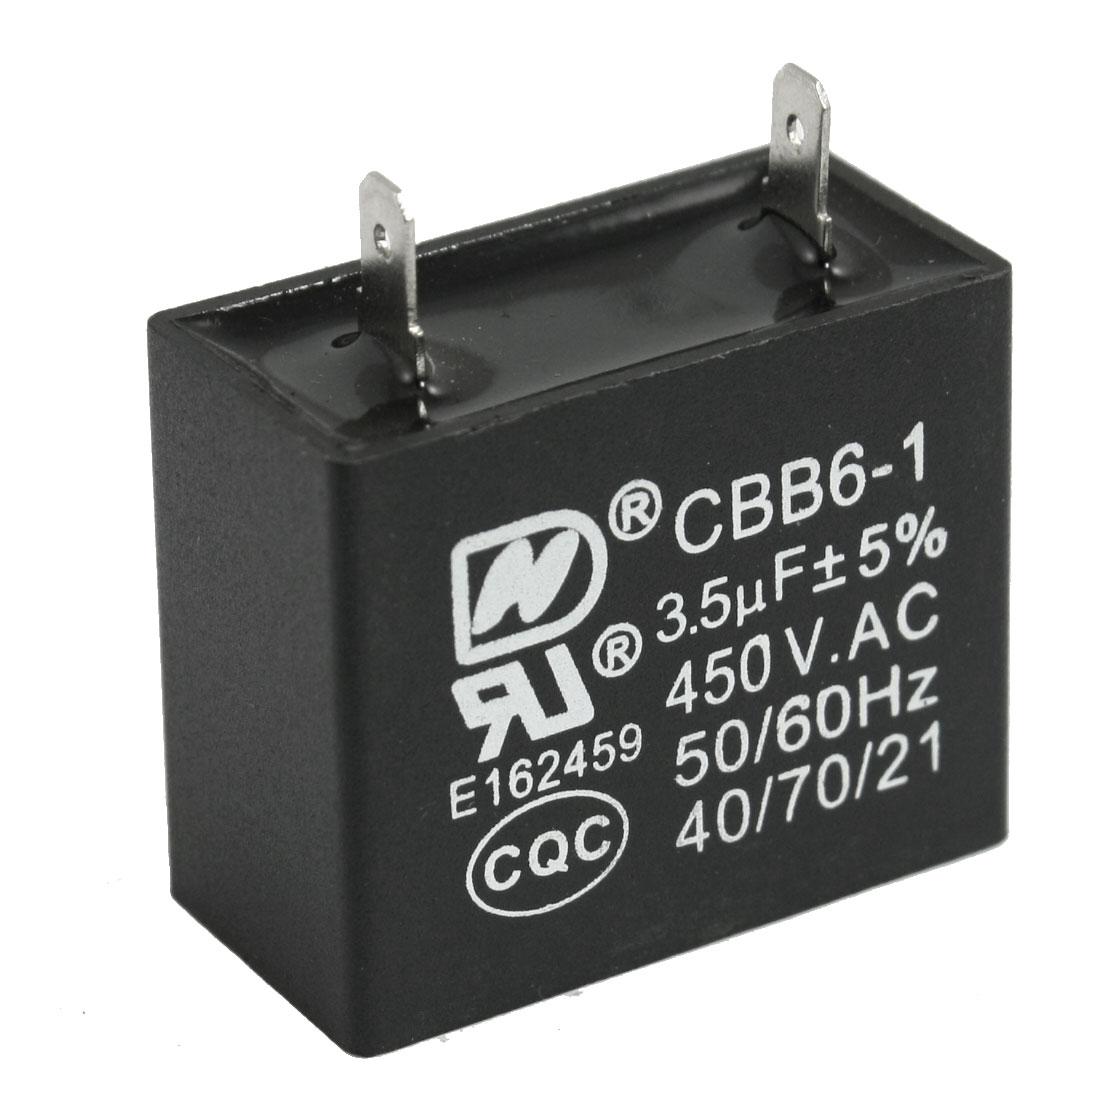 CBB6-1 3.5uF 450V AC 2 Soldering Terminals Motor Running Capacitor